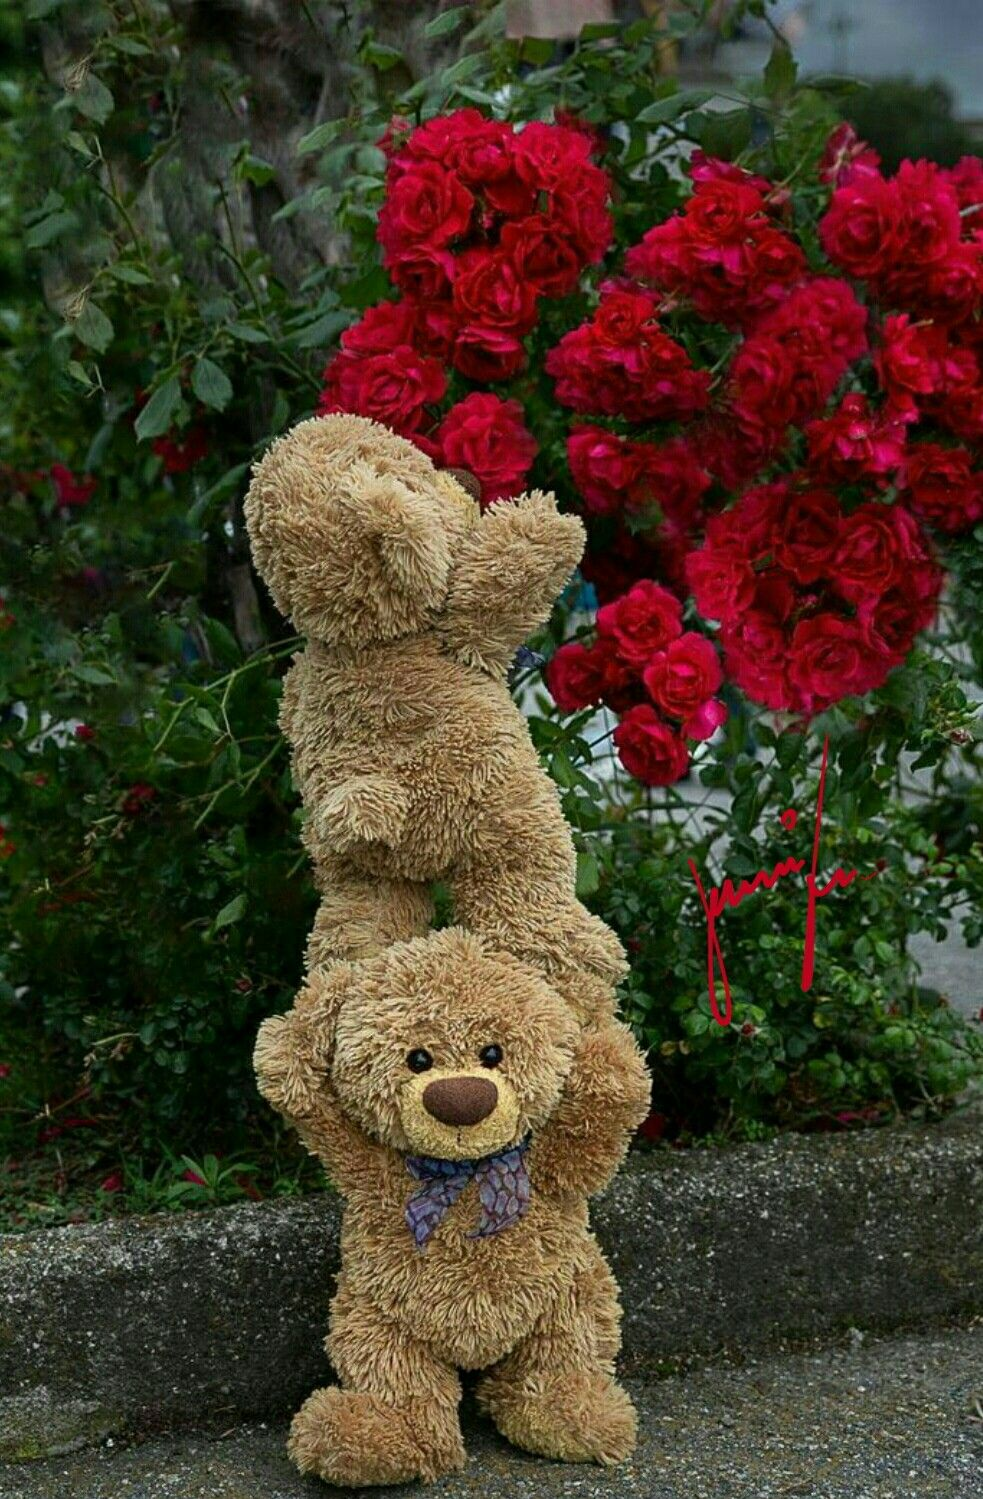 Анимашки розы, картинка плюшевый мишка с цветами